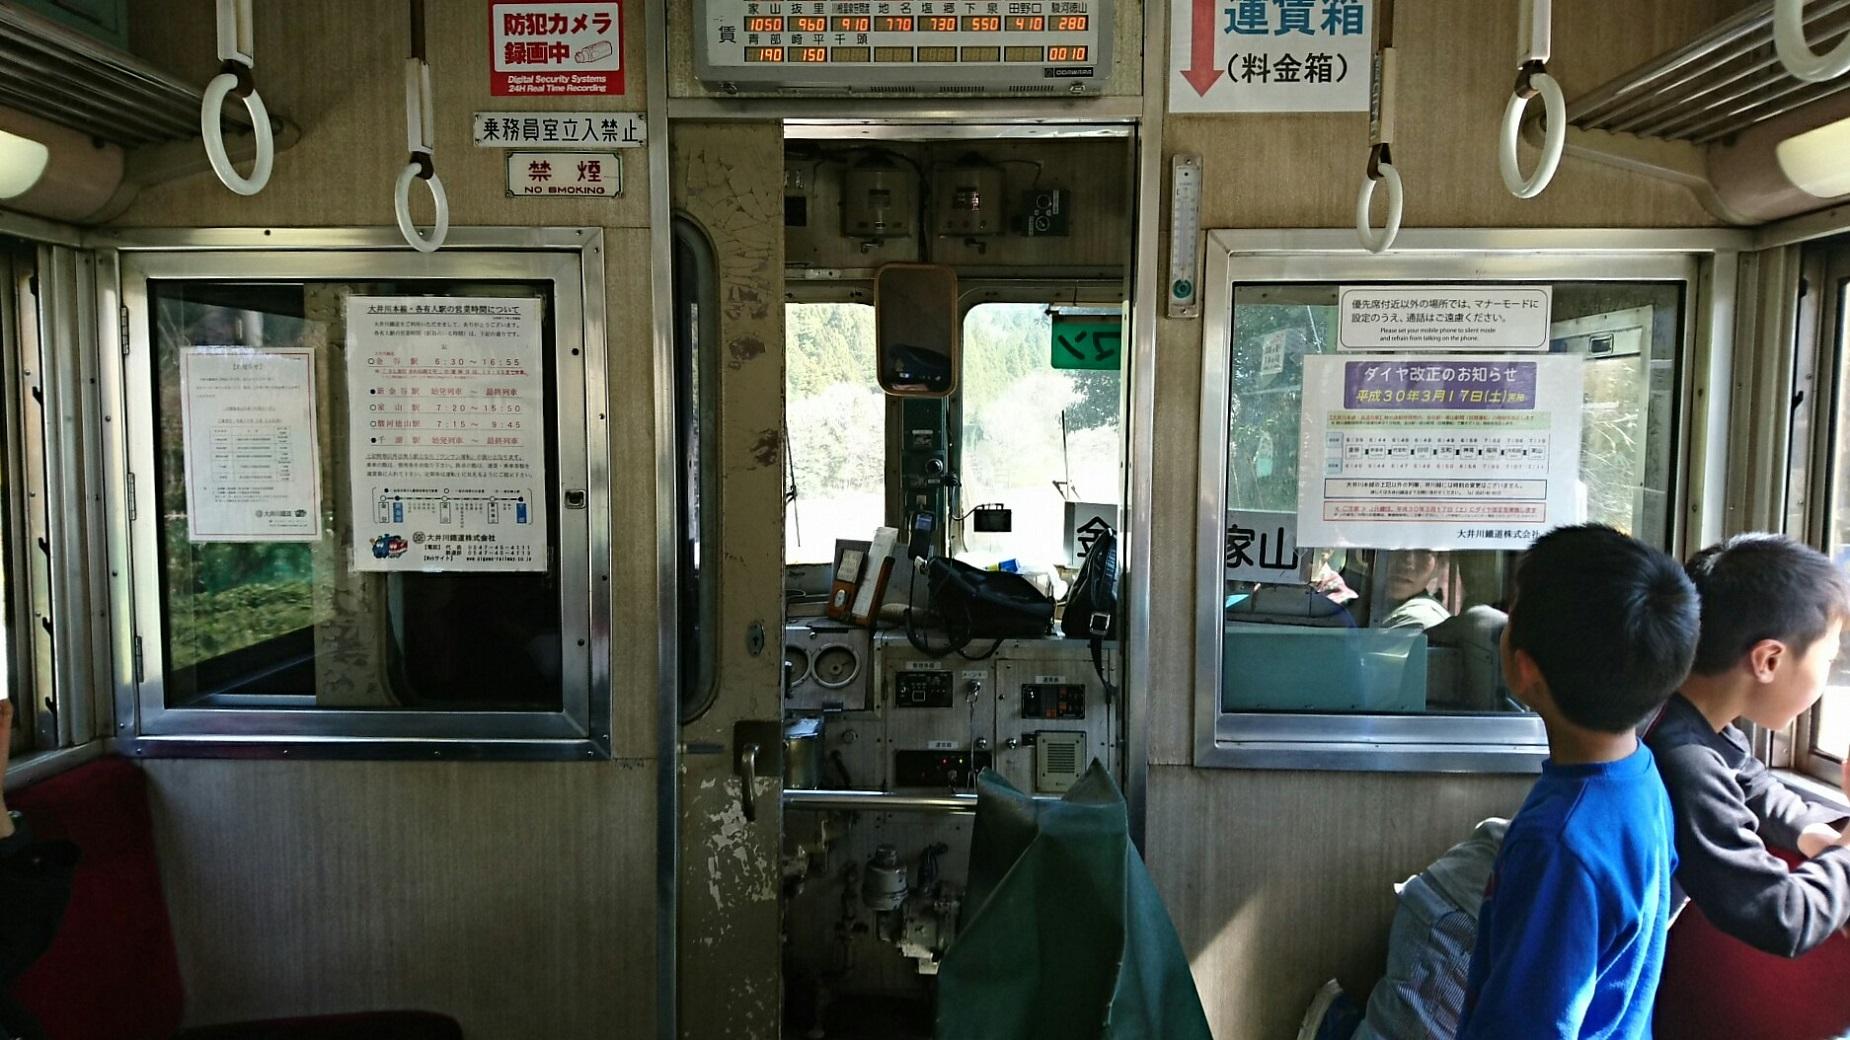 2018.3.28 大井川本線 (58) 千頭いきふつう - 崎平-千頭間 1850-1040